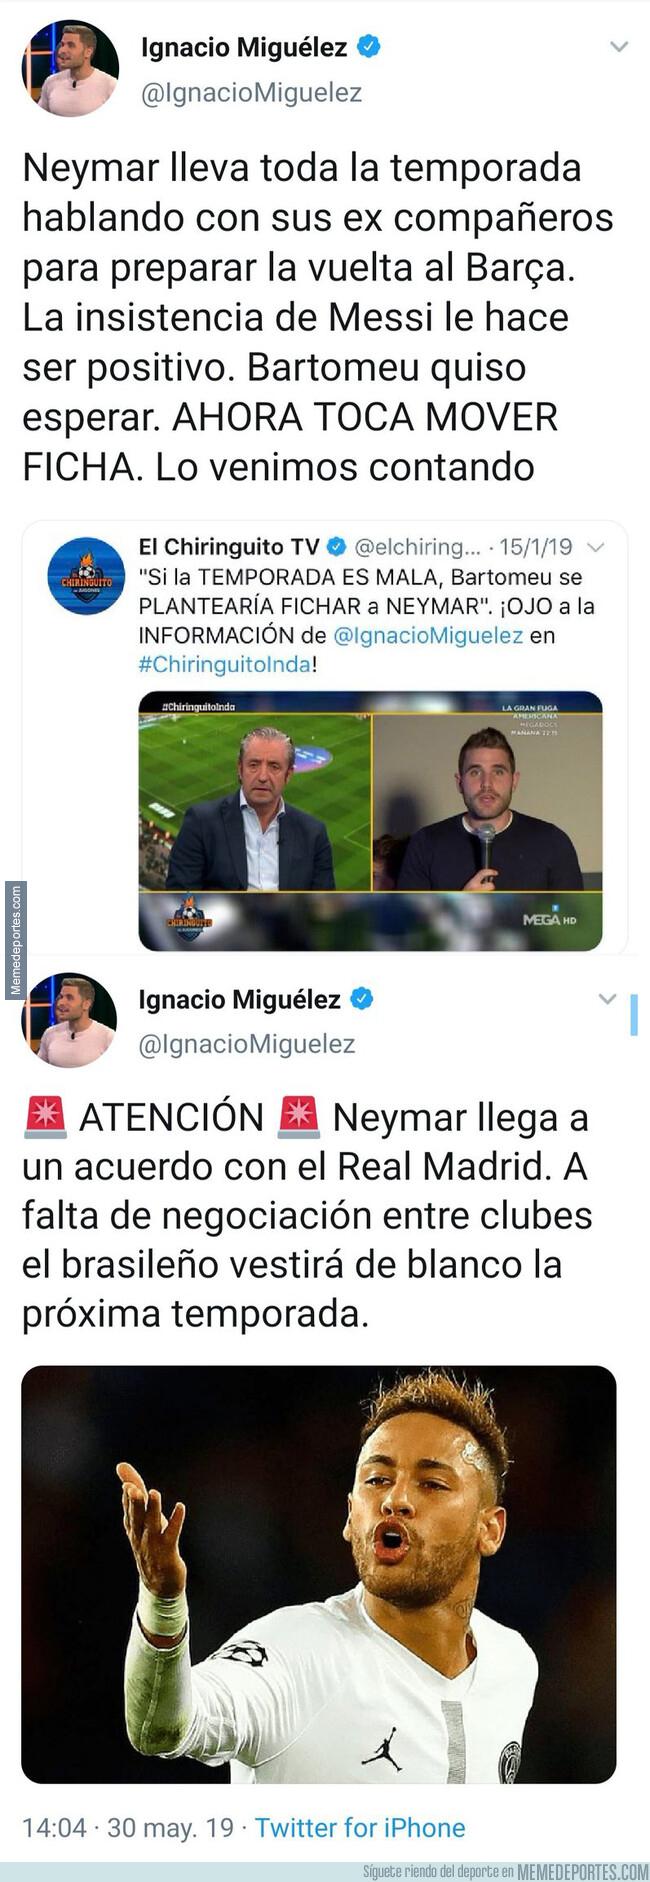 1076542 - Este es el nivel de este periodista de 'El Chiringuito' informando sobre Neymar en apenas 24 horas de diferencia